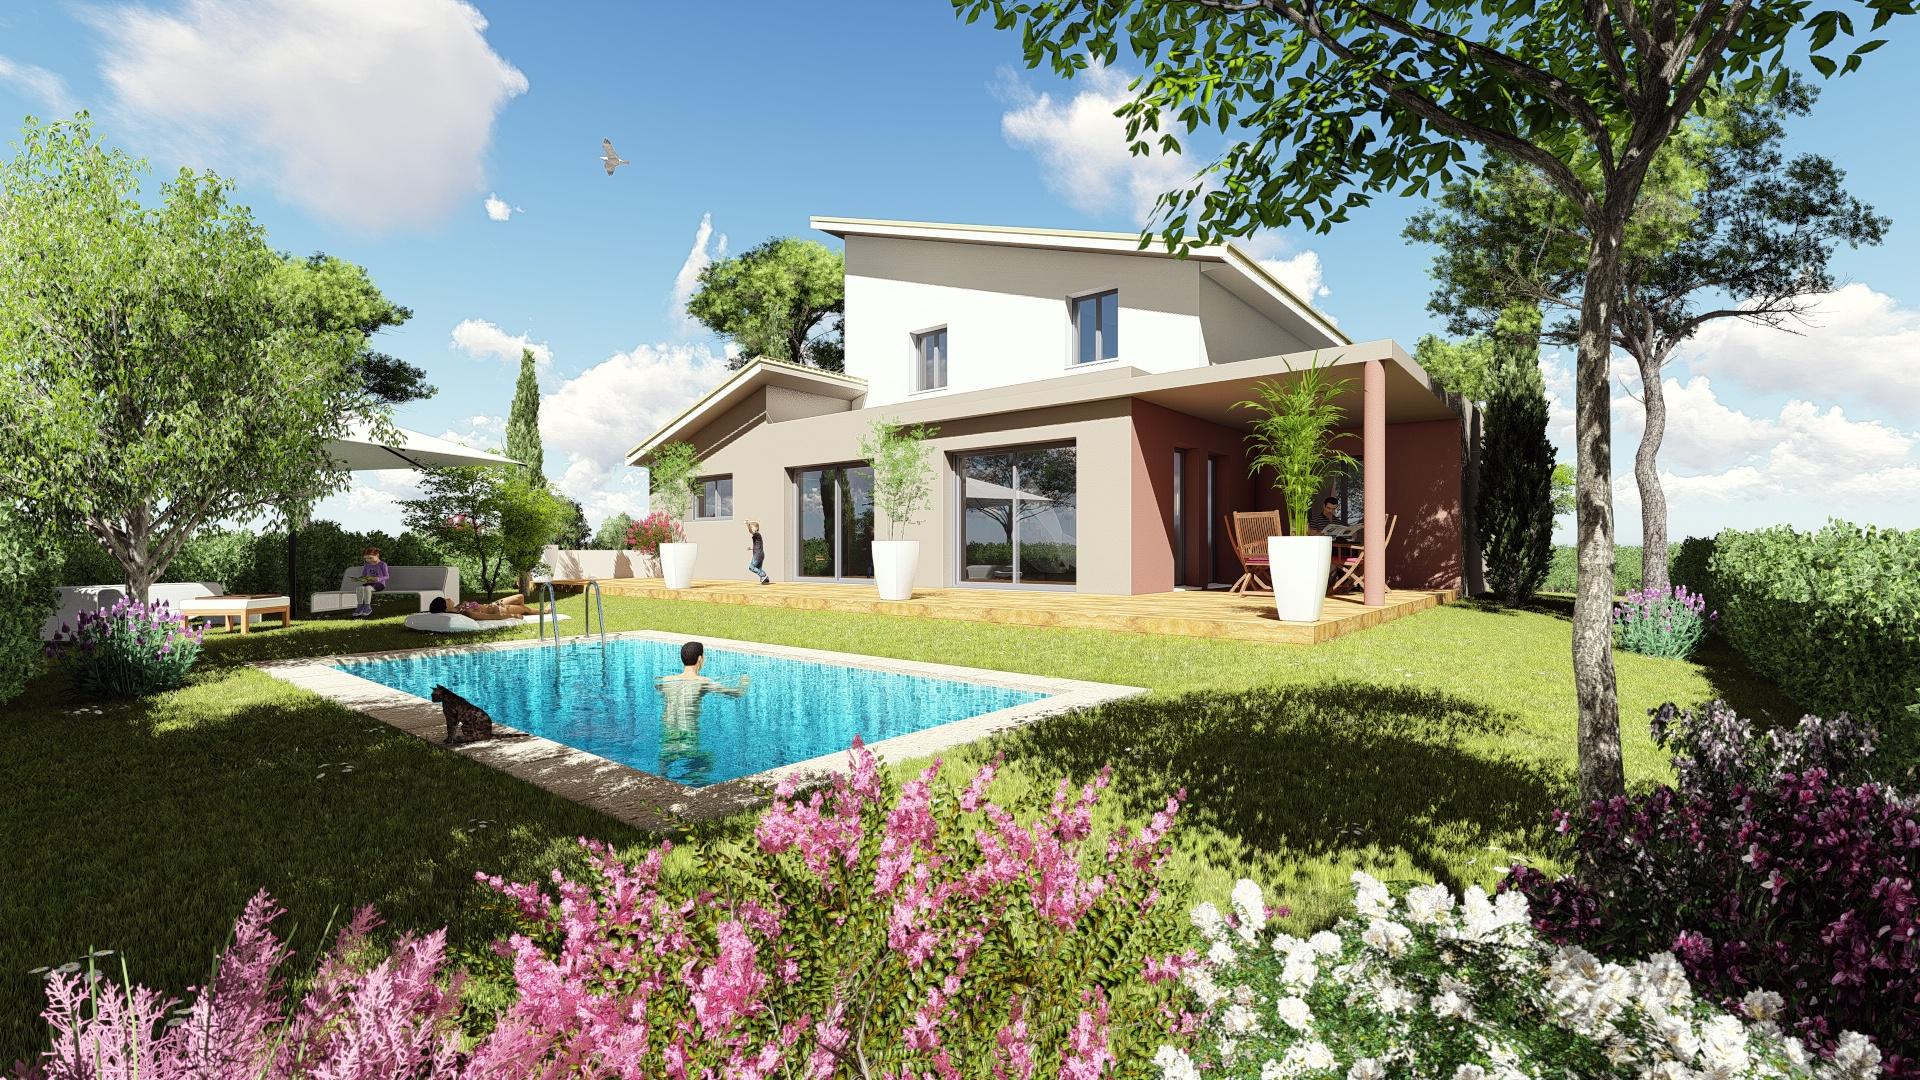 Maisons + Terrains du constructeur MV PROMOTION • 150 m² • CASTELNAU LE LEZ